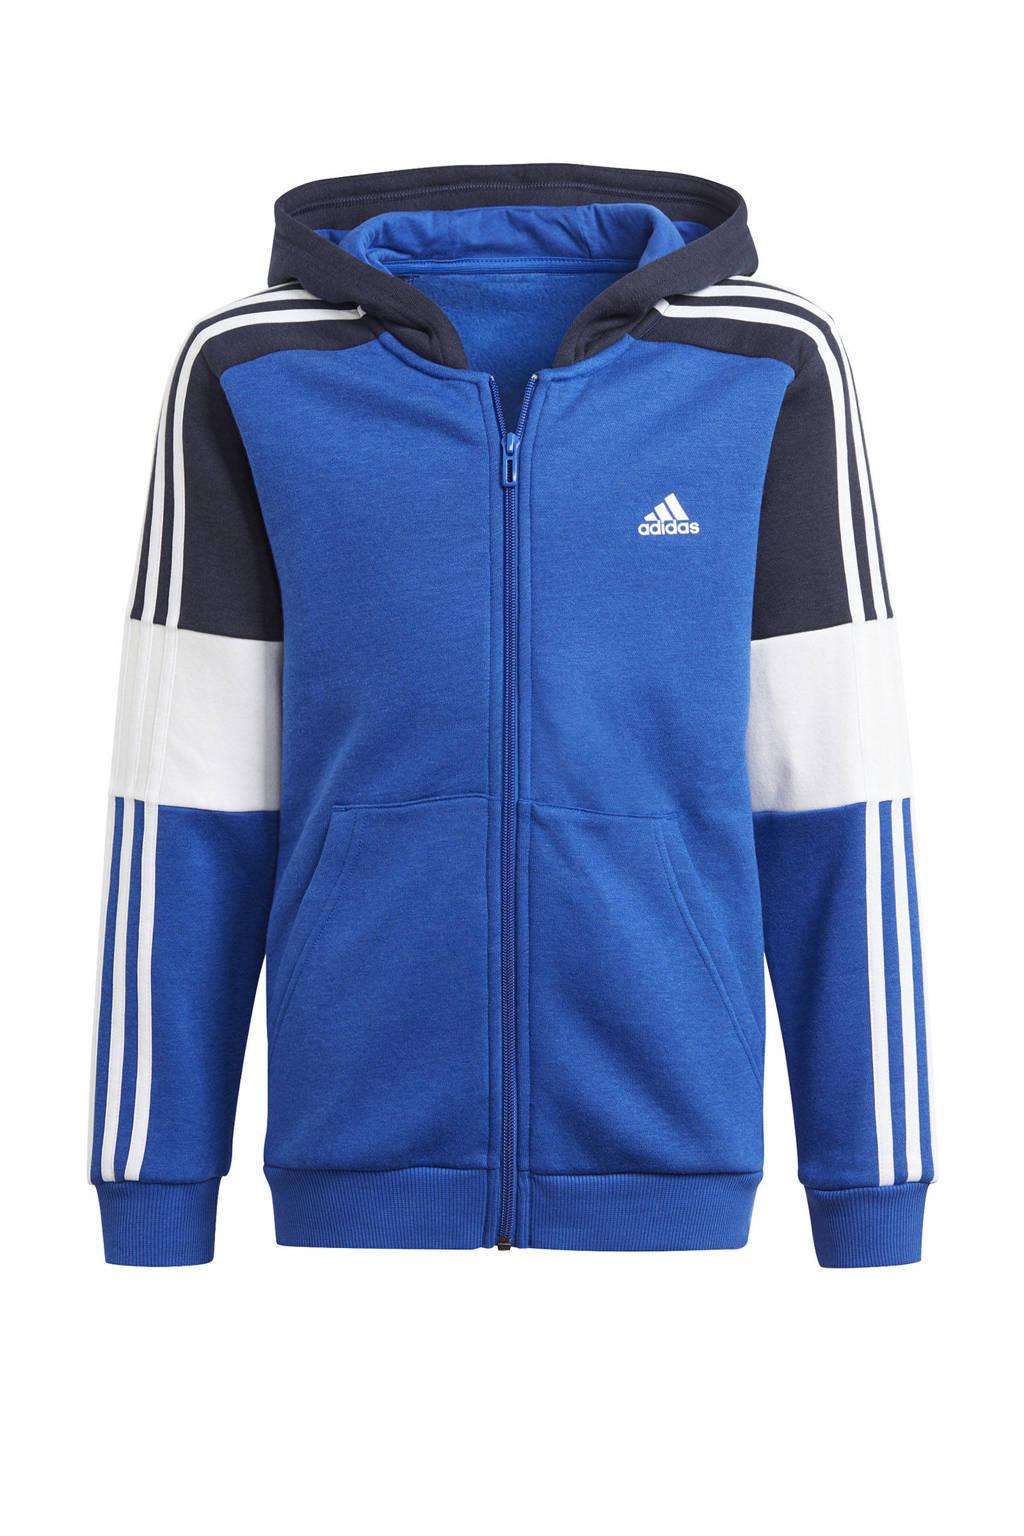 adidas Performance   sportvest kobaltblauw/donkerblauw/wit